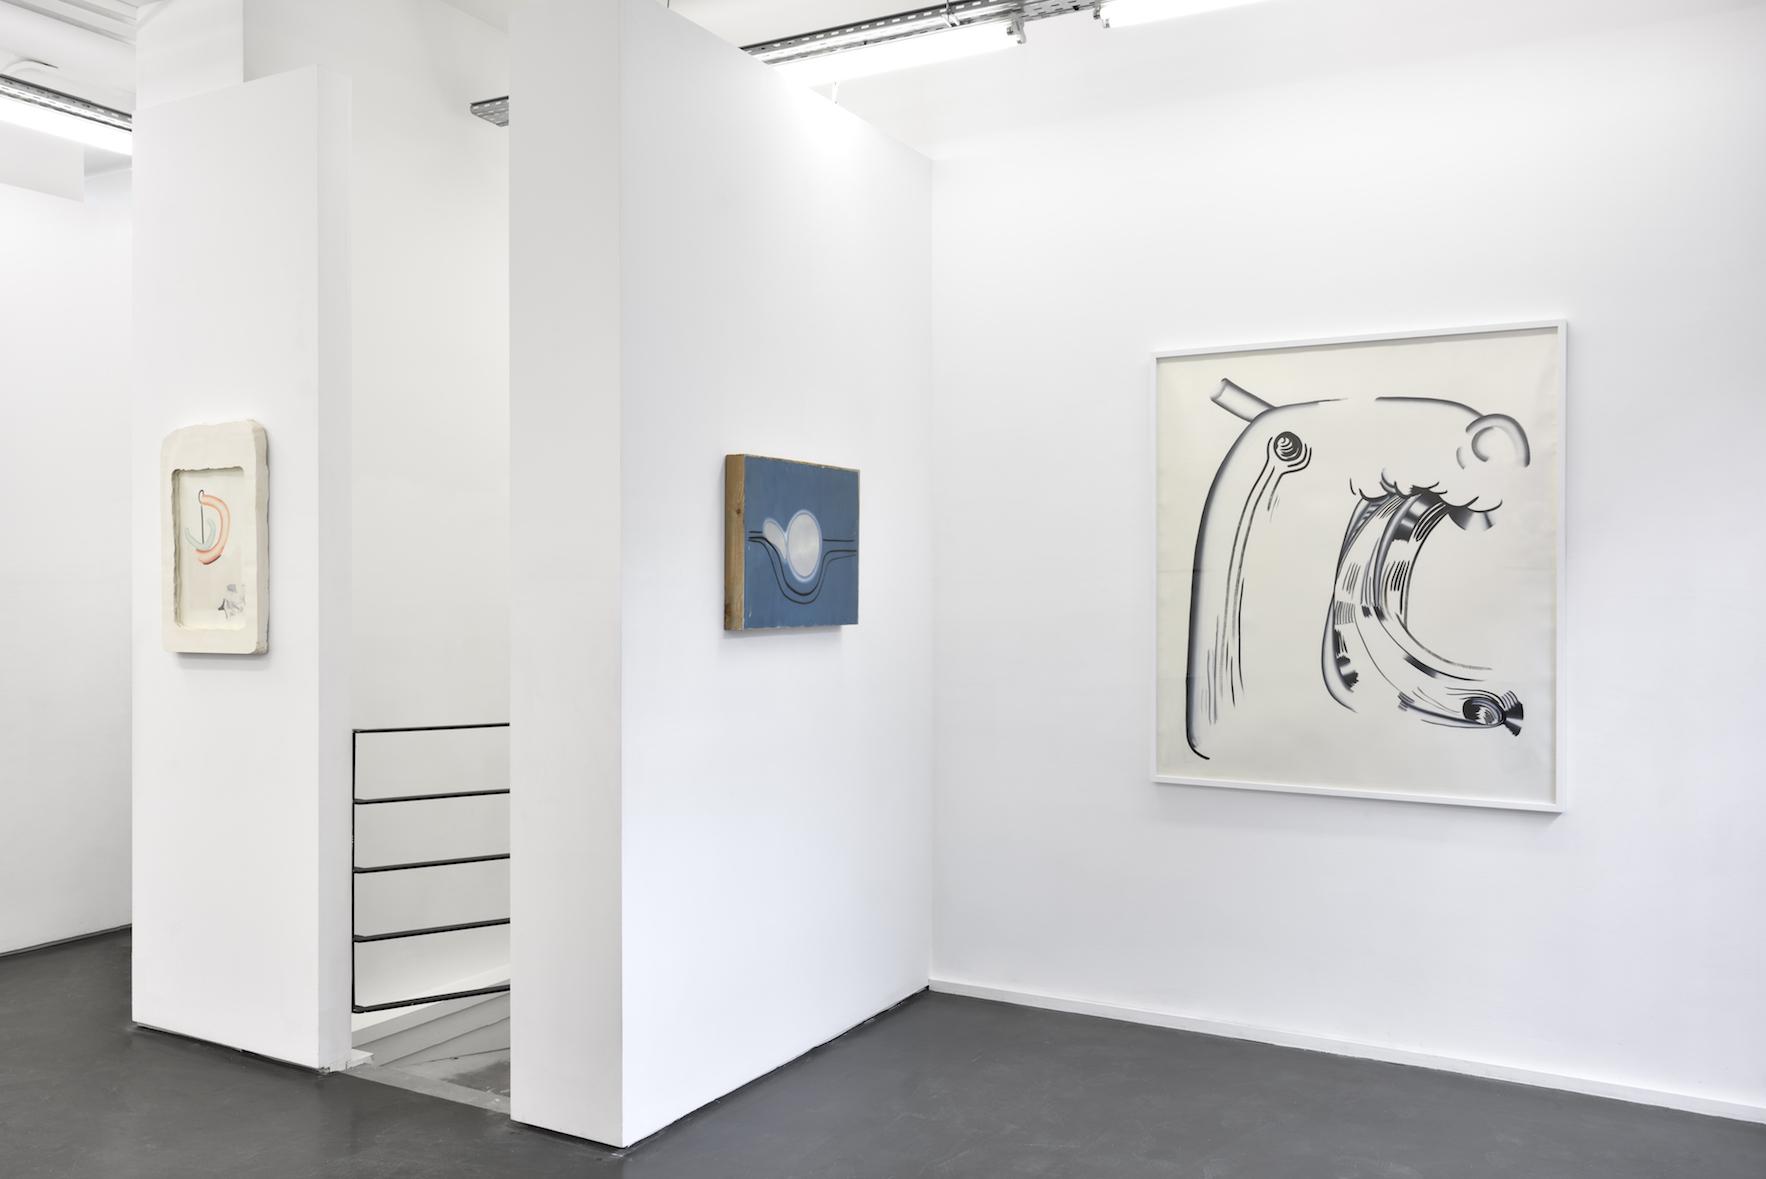 Vue de l'exposition Balance des impairs, Galerie Maïa Muller ©Rebecca Fanuele